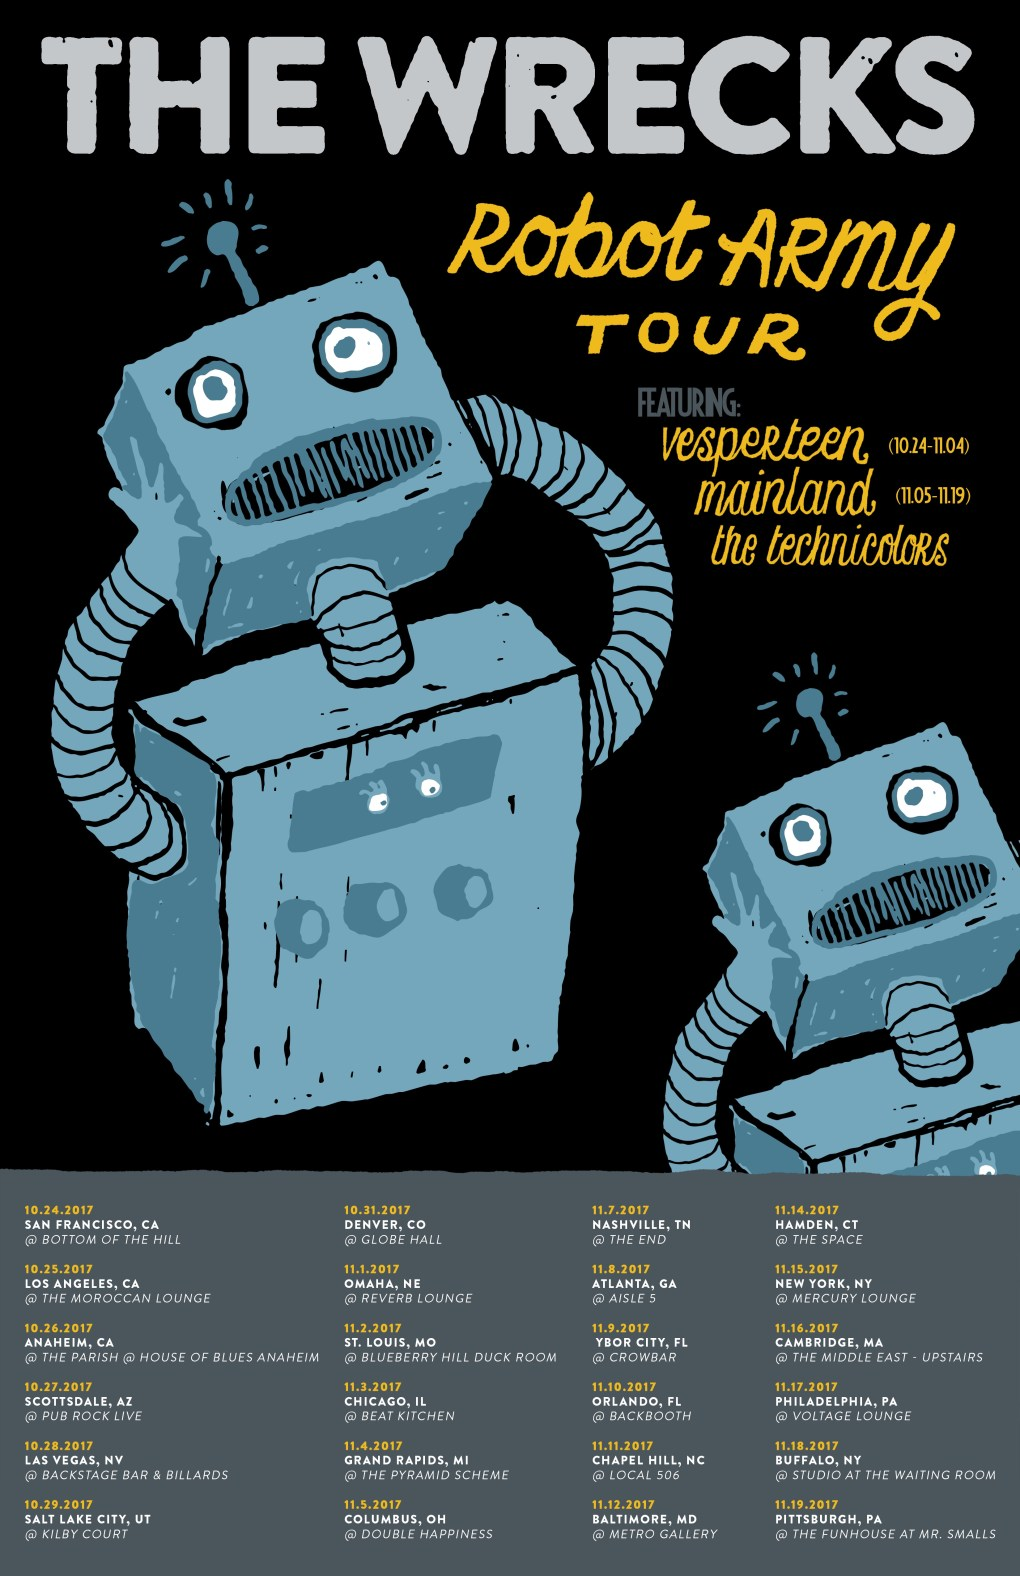 Robot Army Tour Admat-1